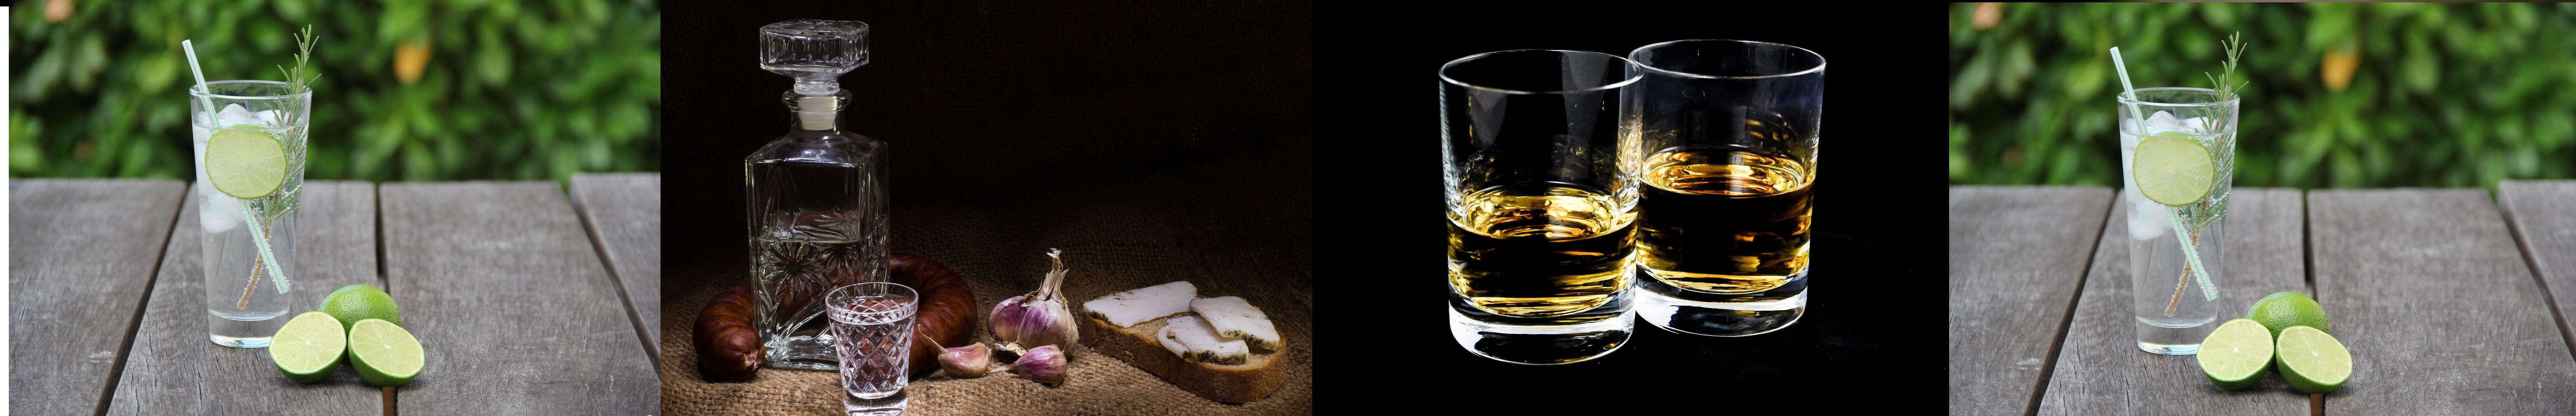 Väkevät alkoholijuomat